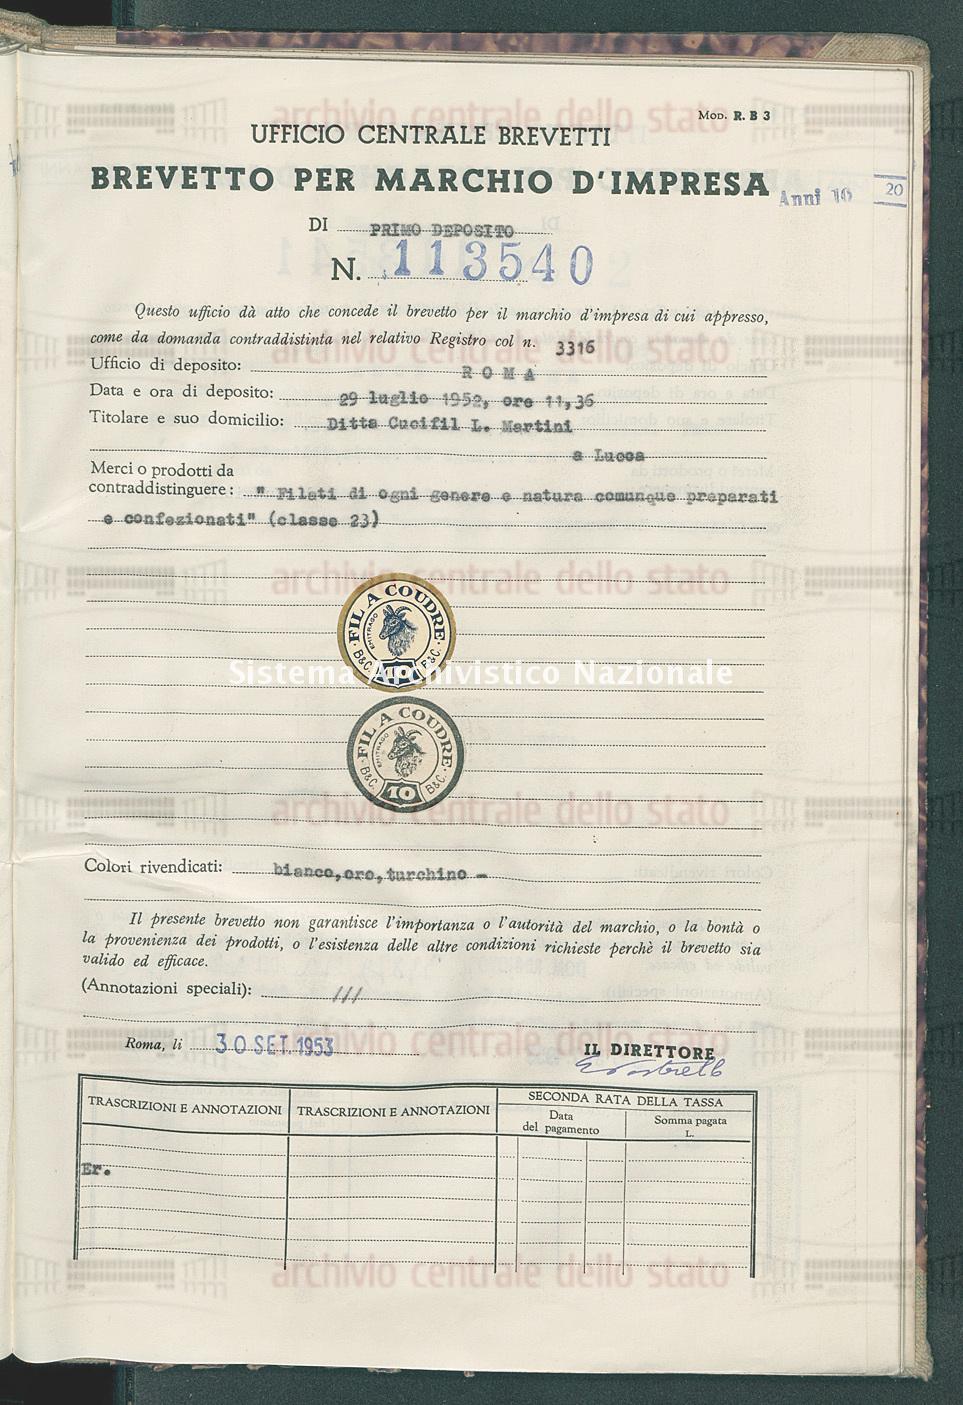 'Filati di ogni genere e natura comunque preparati e confezionati' Ditta Cucifil L.Martini (30/09/1953)